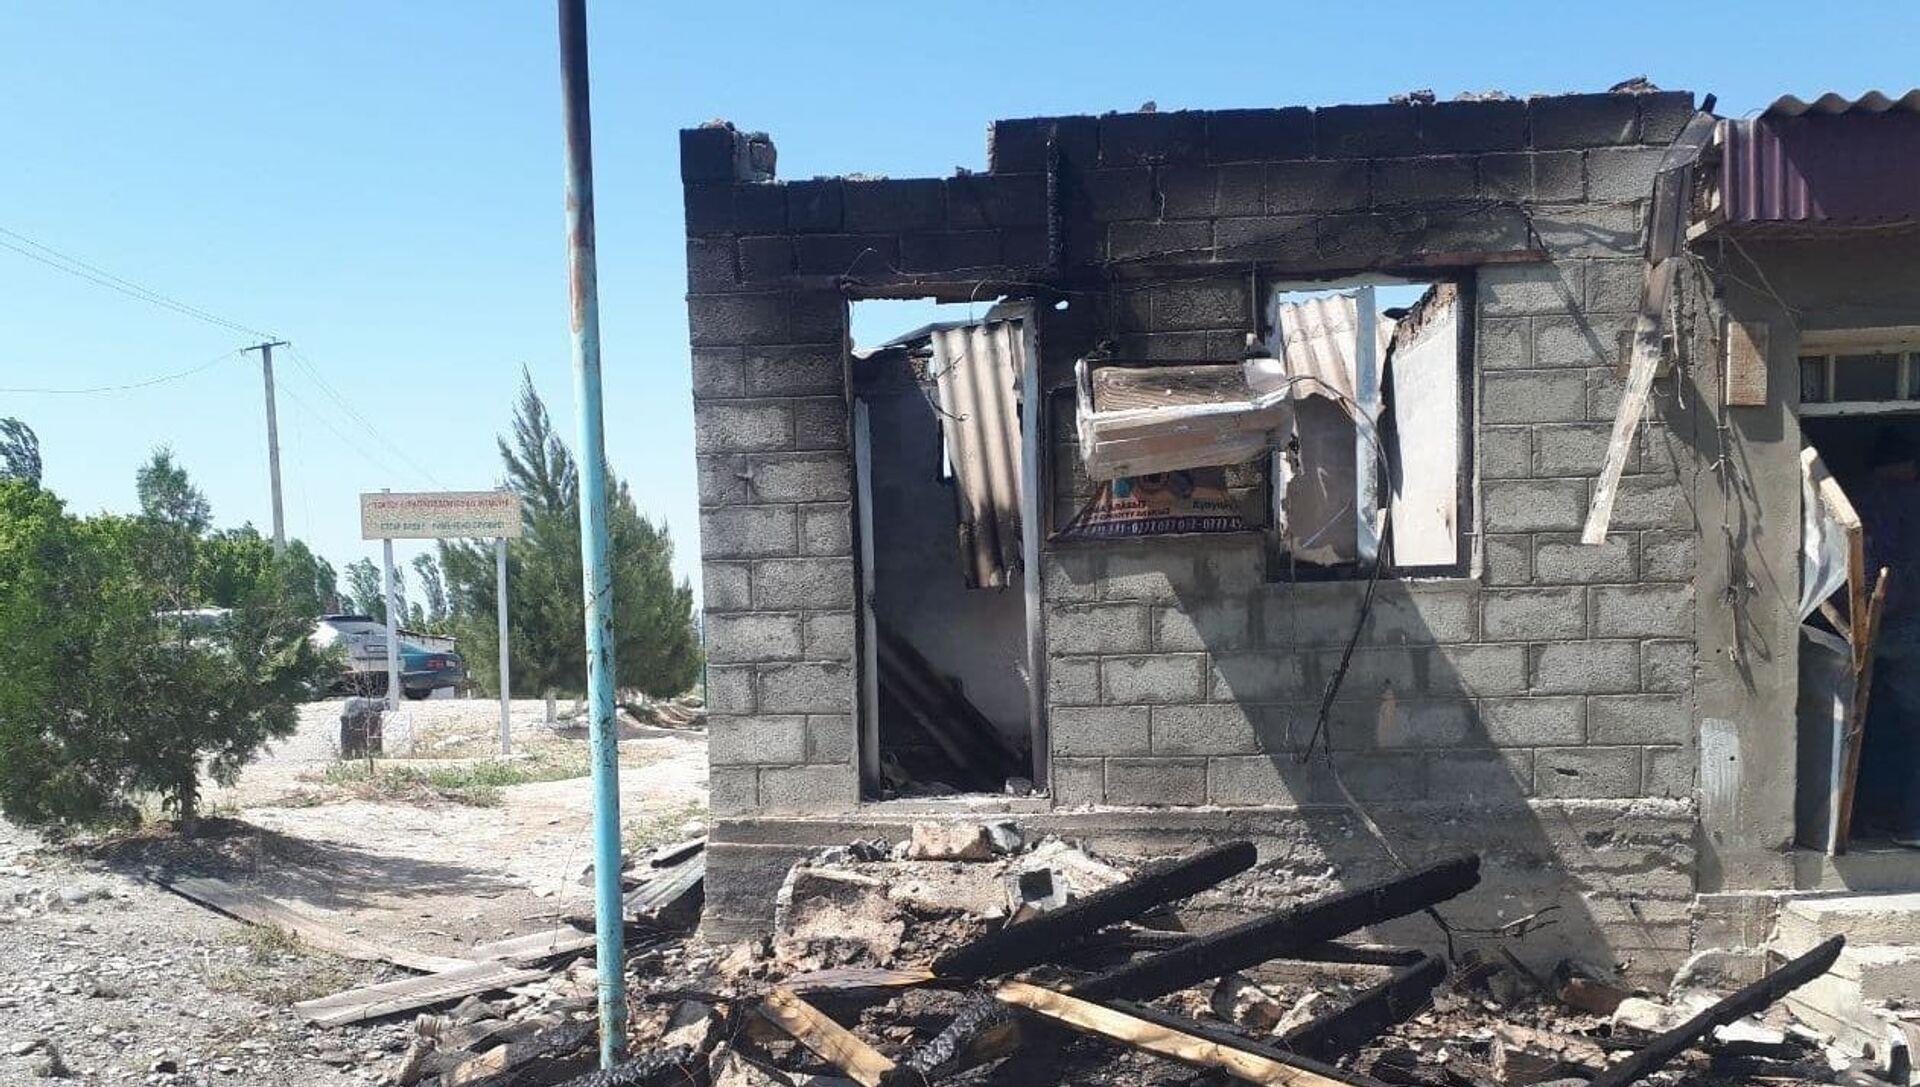 Zniszczony budynek w graniczącej z Tadżykistanem osadzie Maksat. - Sputnik Polska, 1920, 05.06.2021